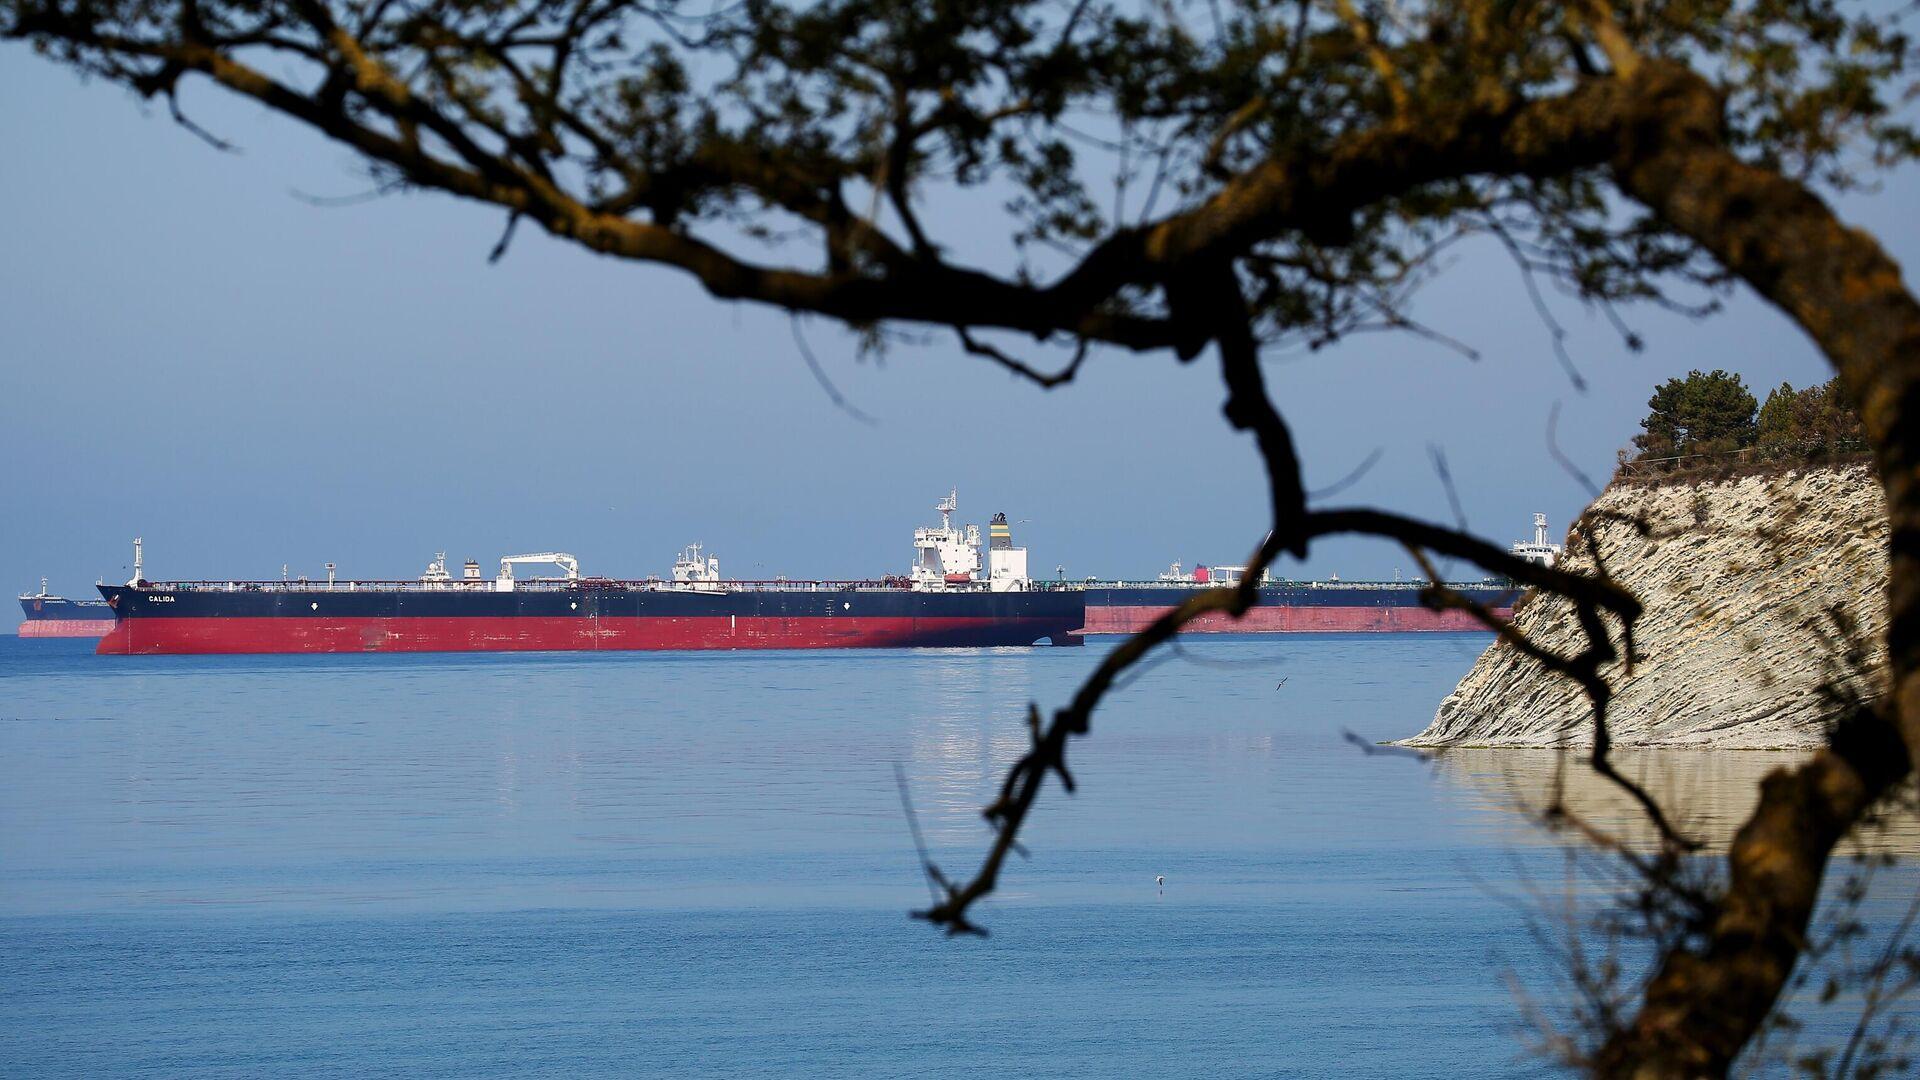 Нефтяные танкеры на рейде в Цемесской бухте - РИА Новости, 1920, 09.05.2021